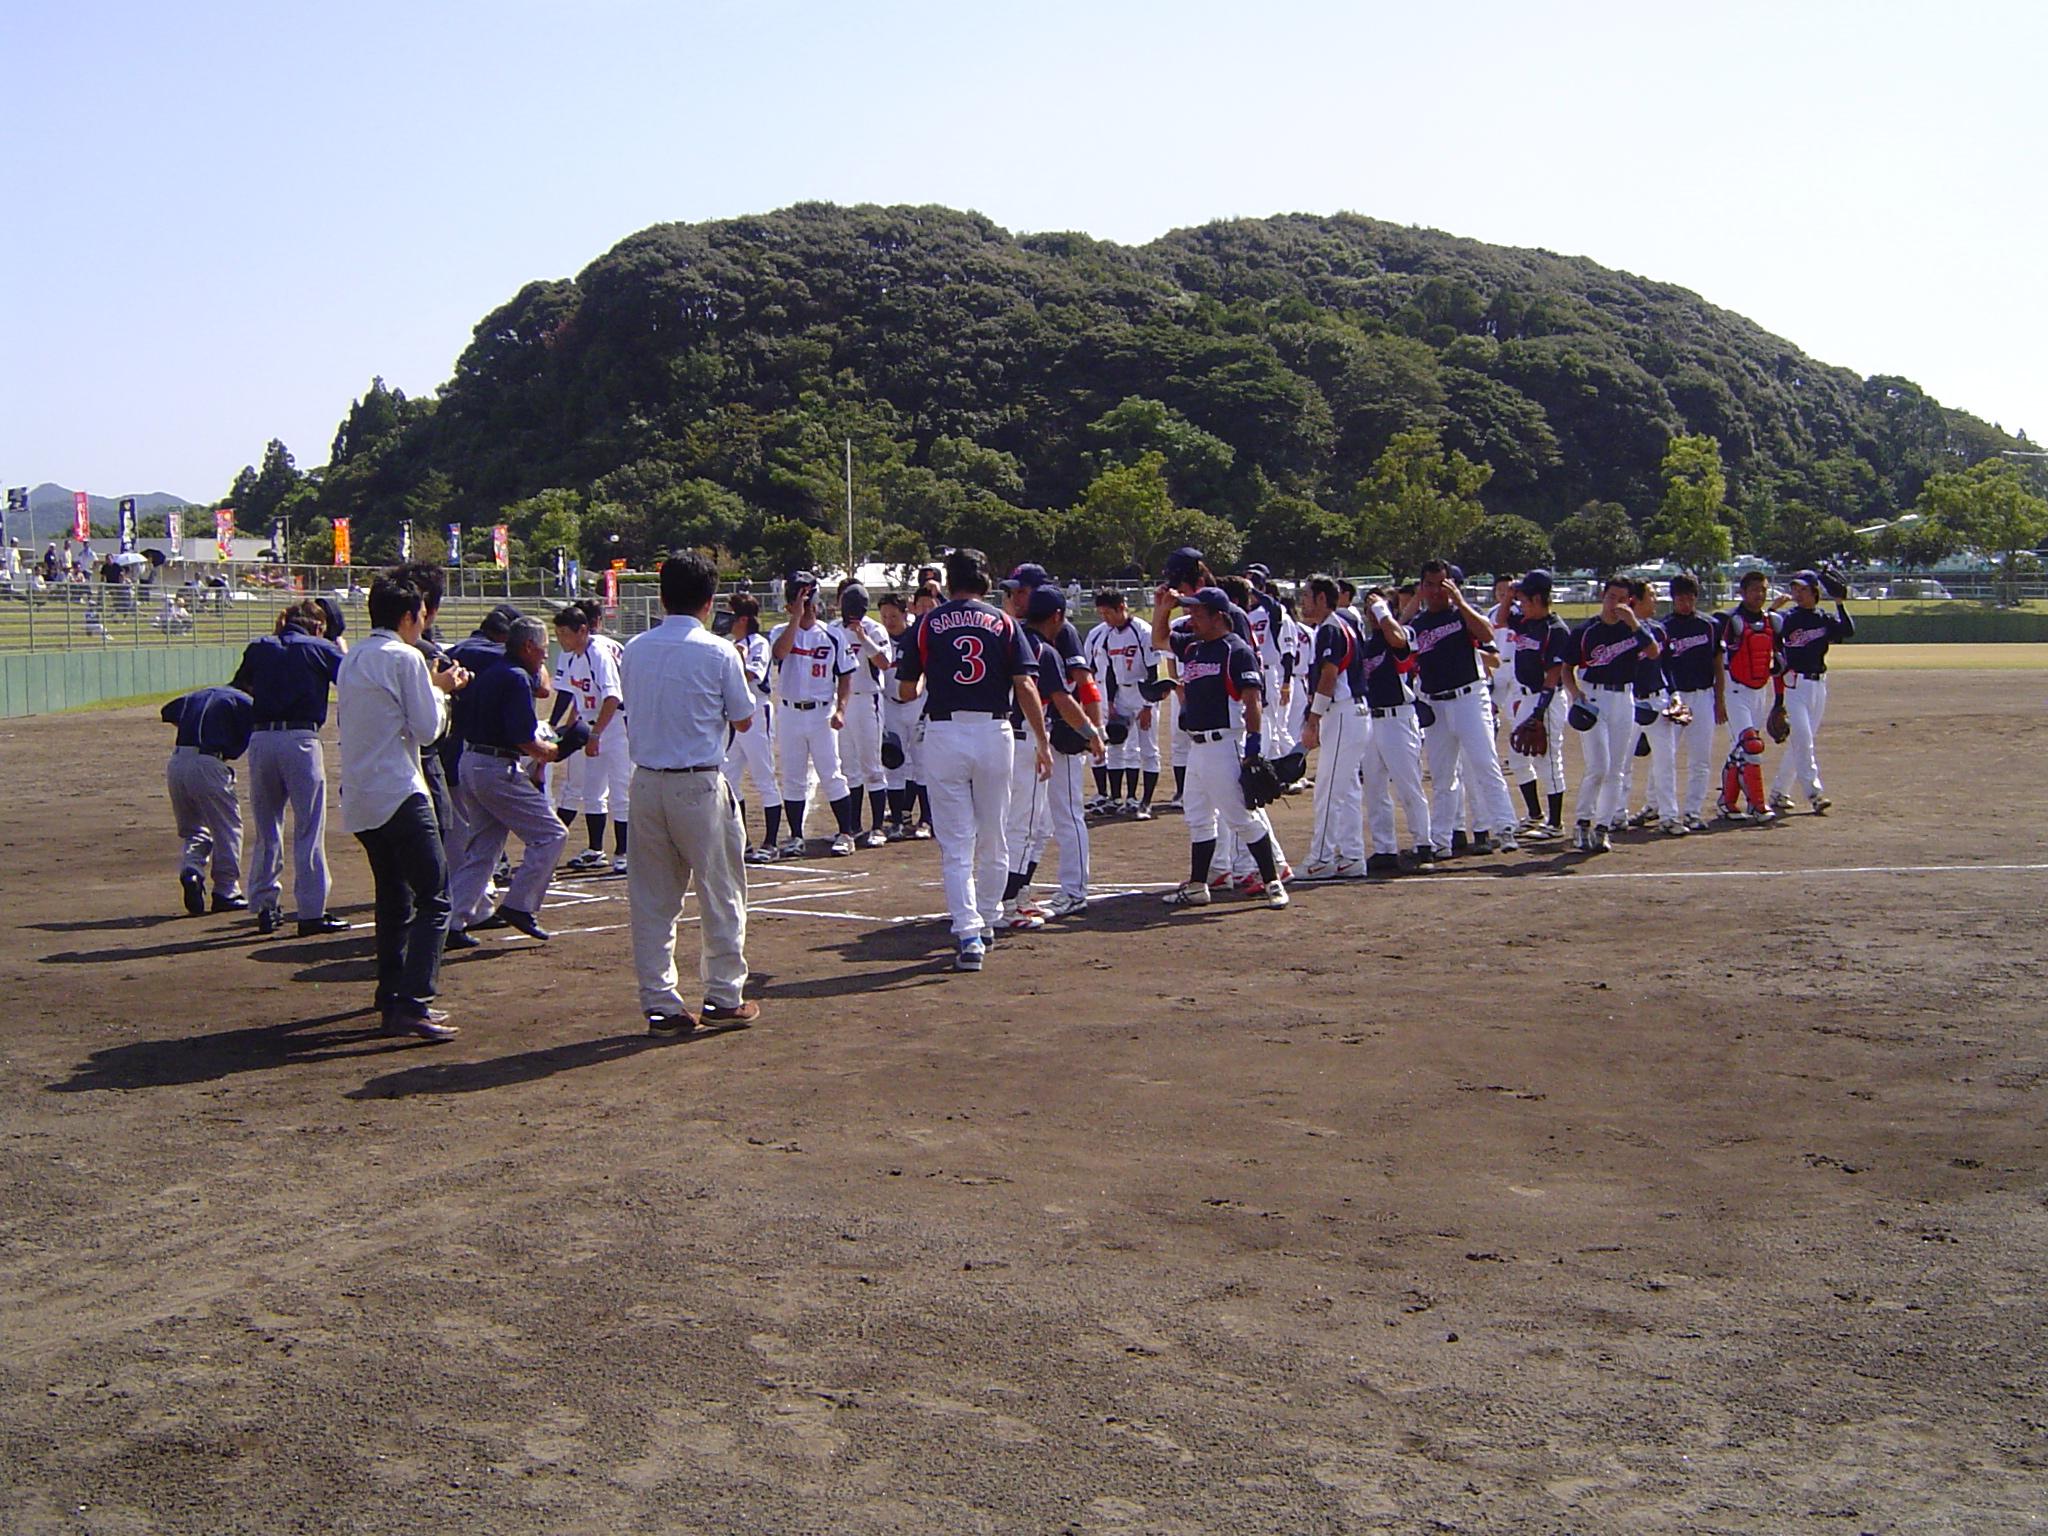 硬式野球倶楽部「薩摩」 -Offici...